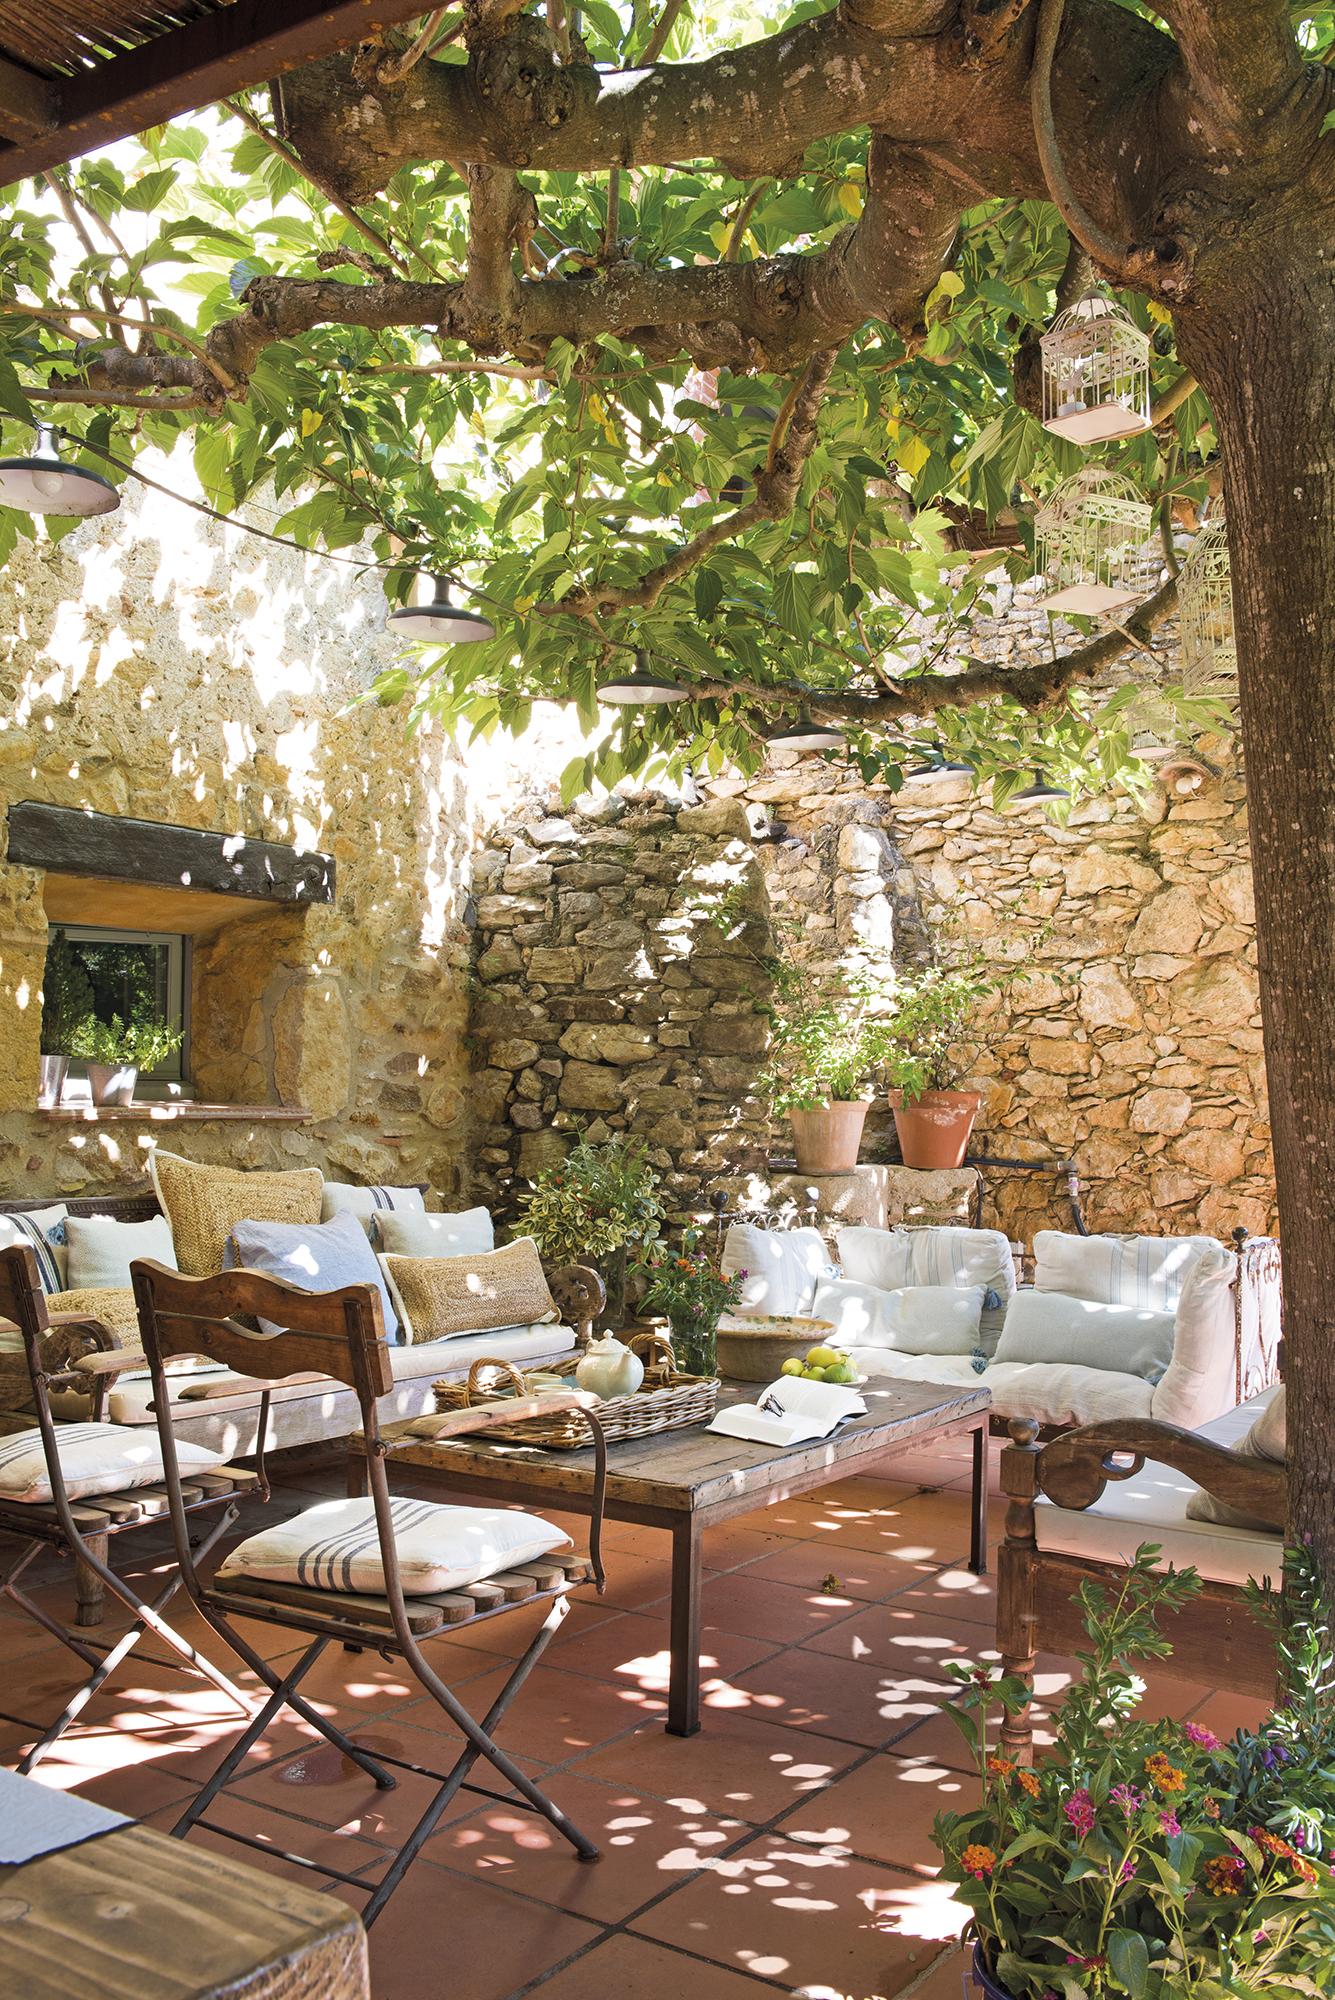 Masía en Torrent de estilo rústico con gran jardín